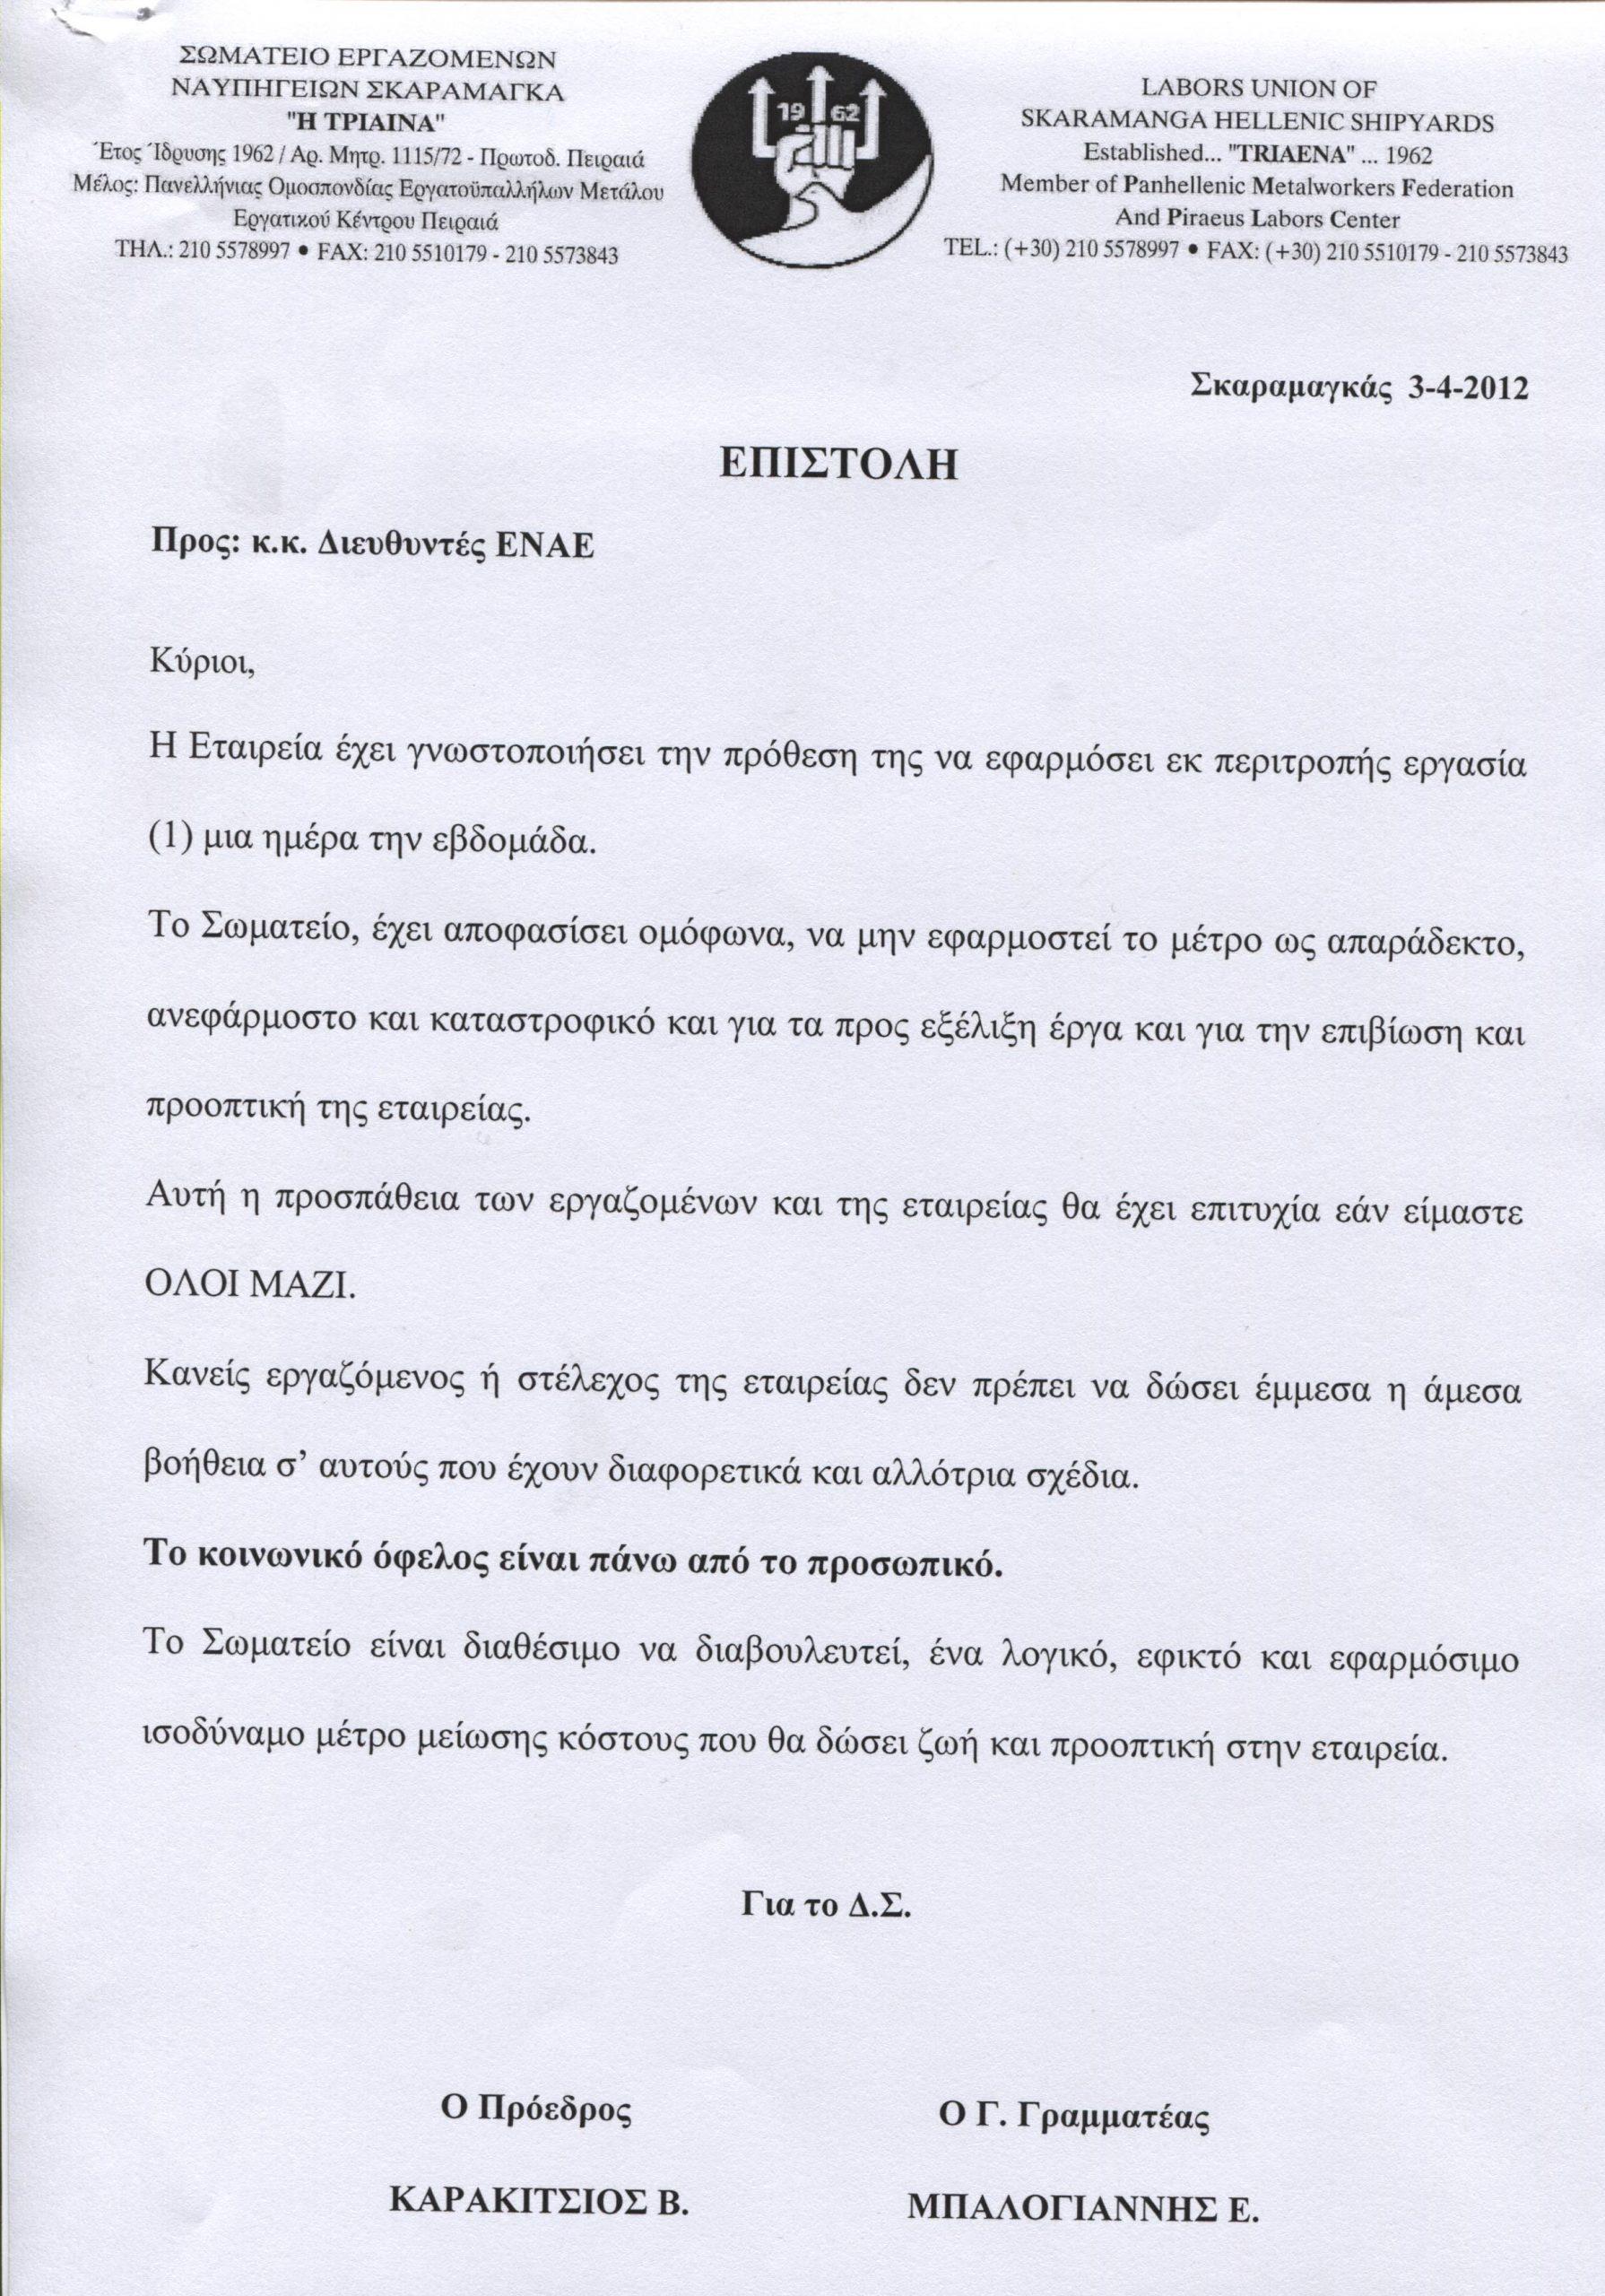 Επιστολή Τρίαινας προς ΕΝΑΕ 3-4-12